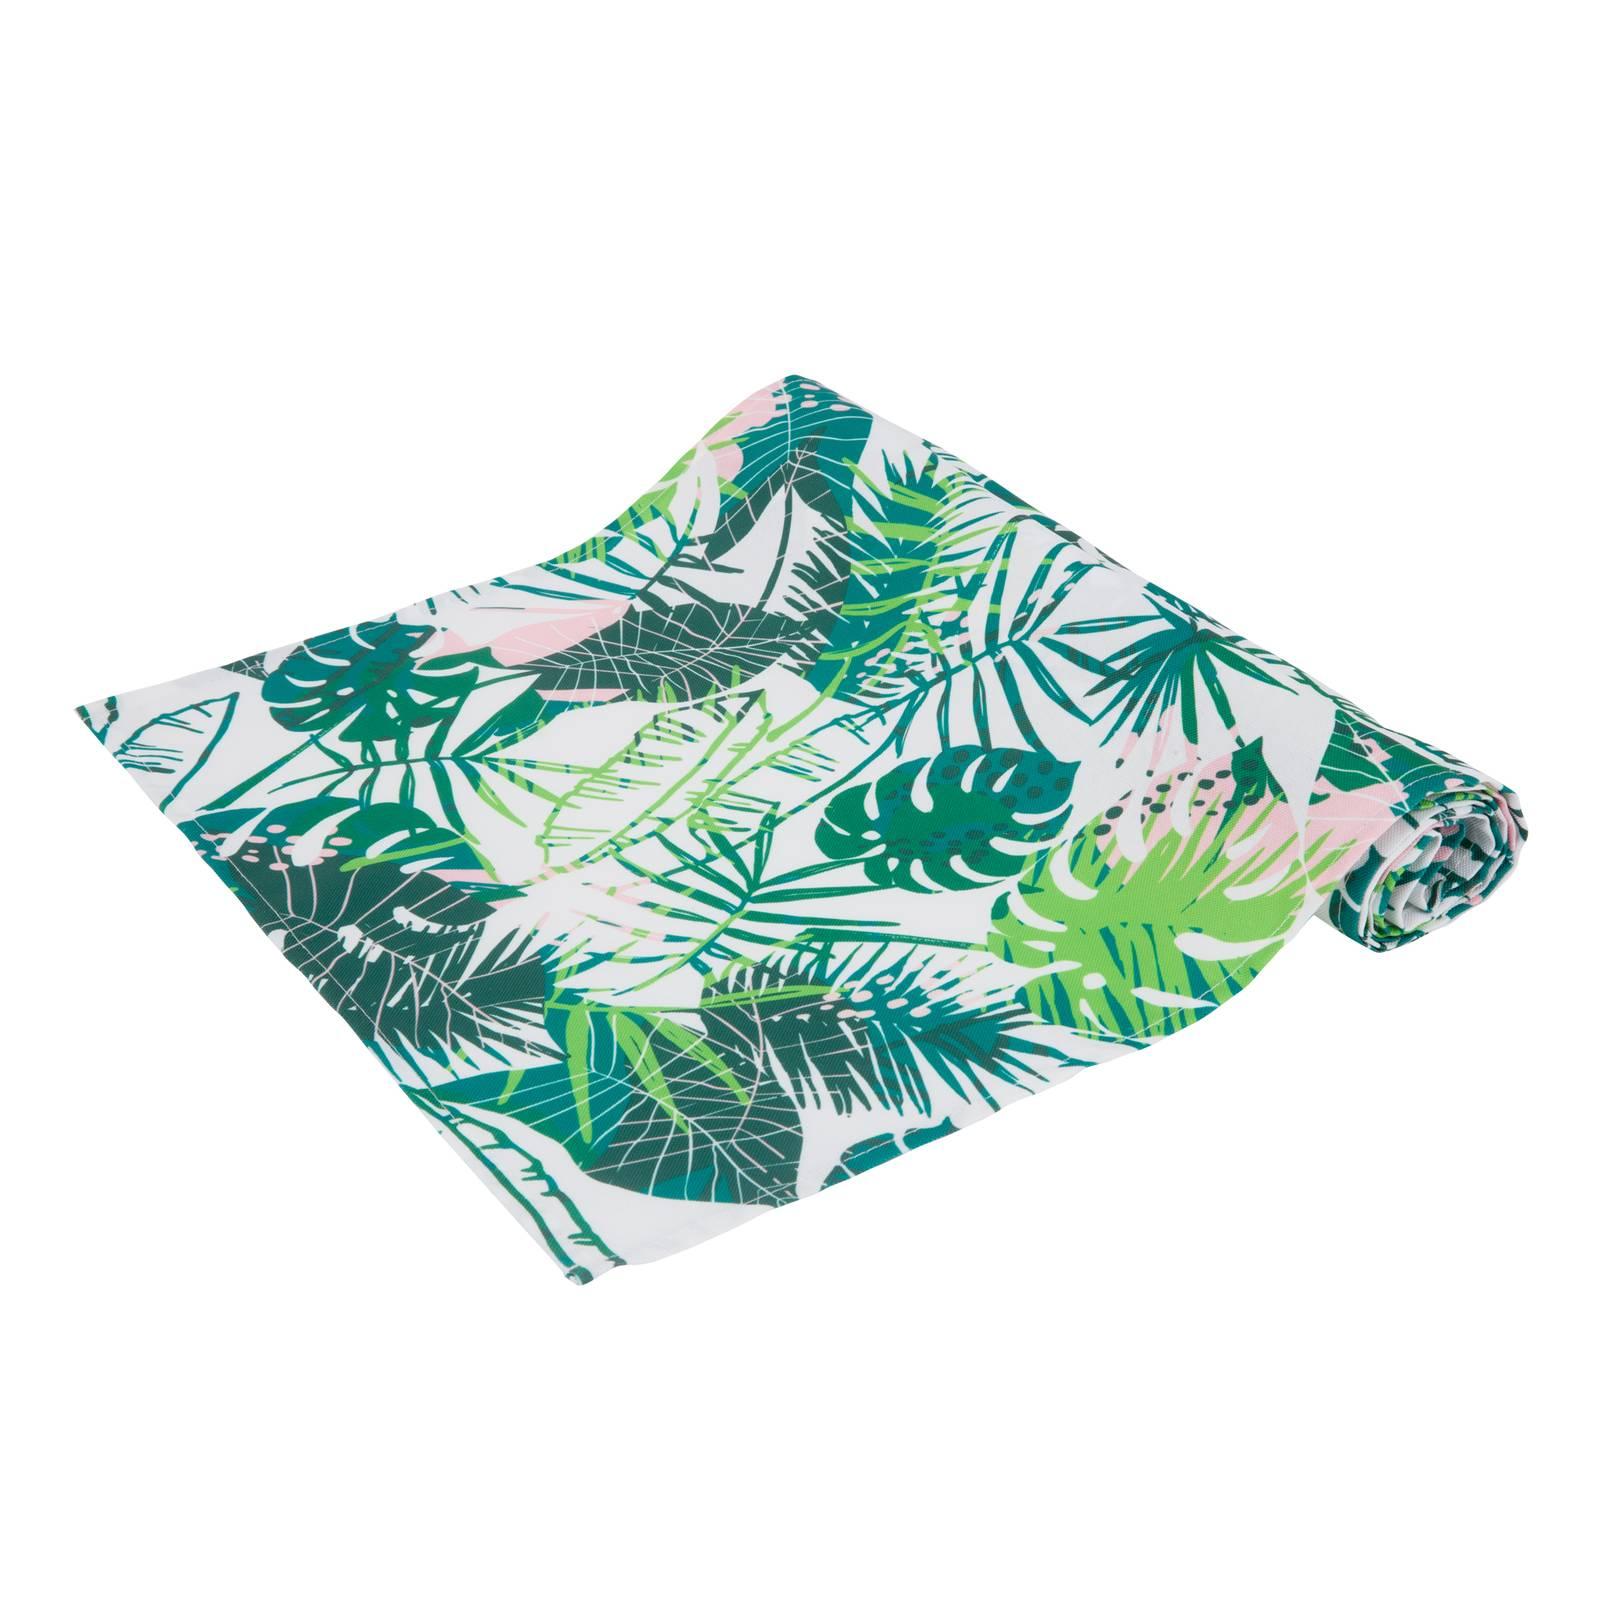 Bieżnik dekoracyjny Tropical 40 x 150 cm MY HOME